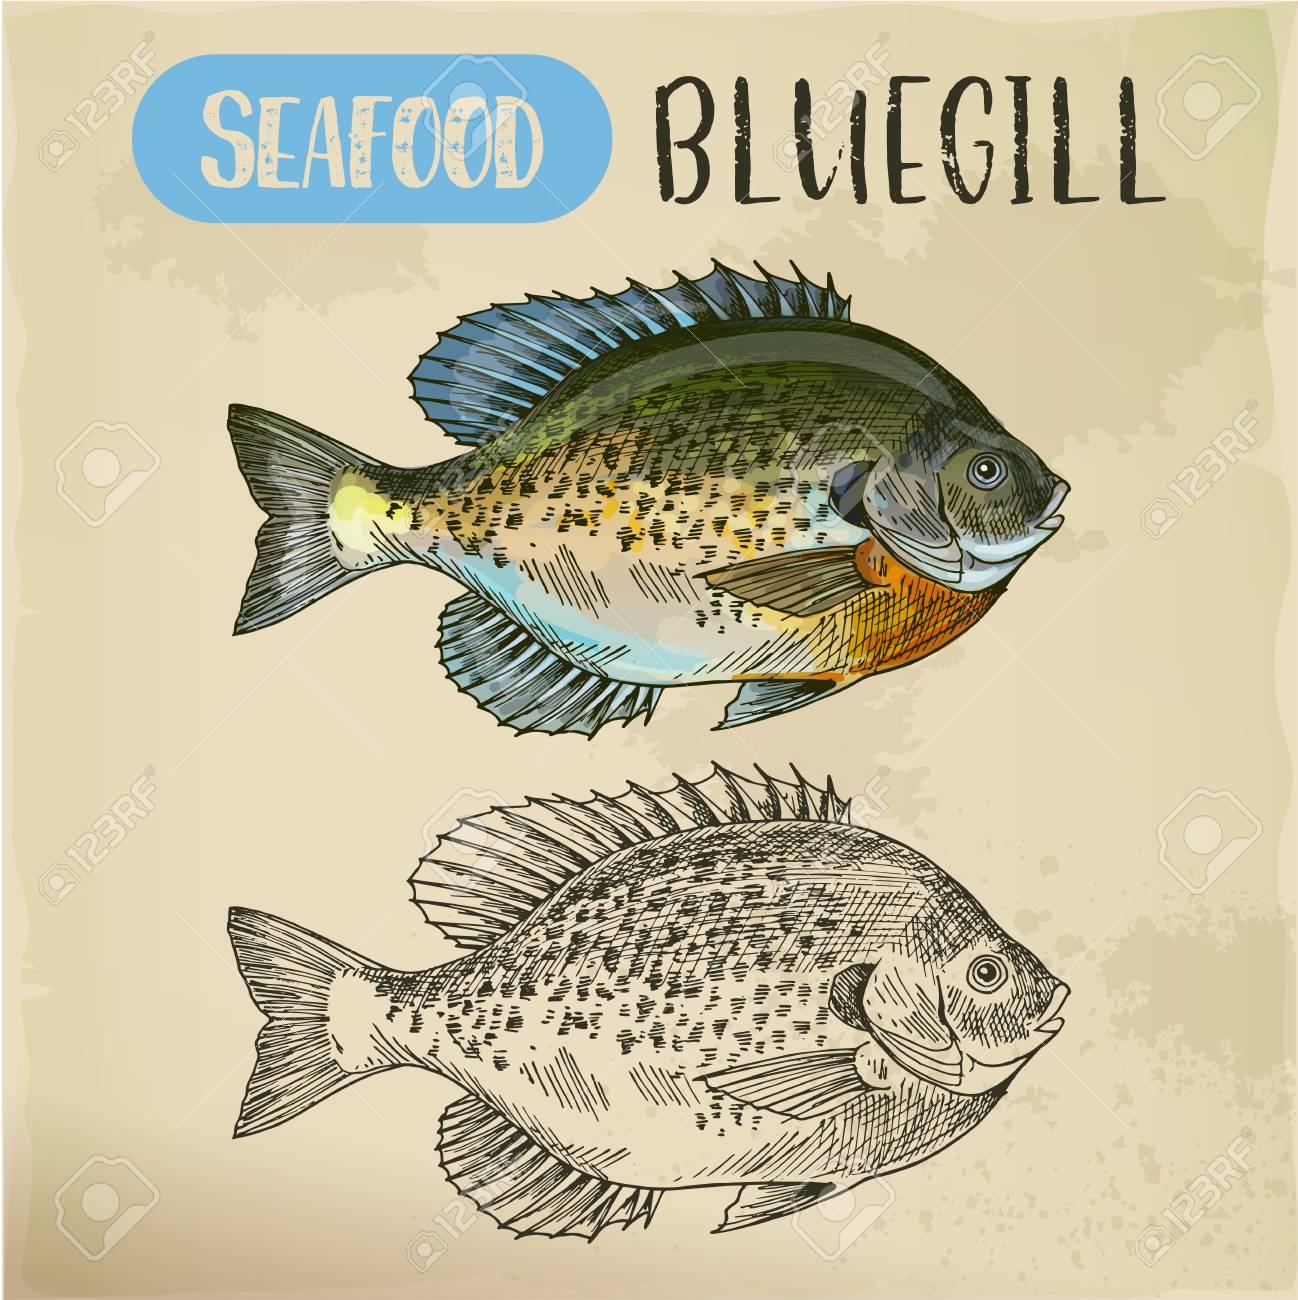 Bluegill sketch or hand drawn seafood - 102582666